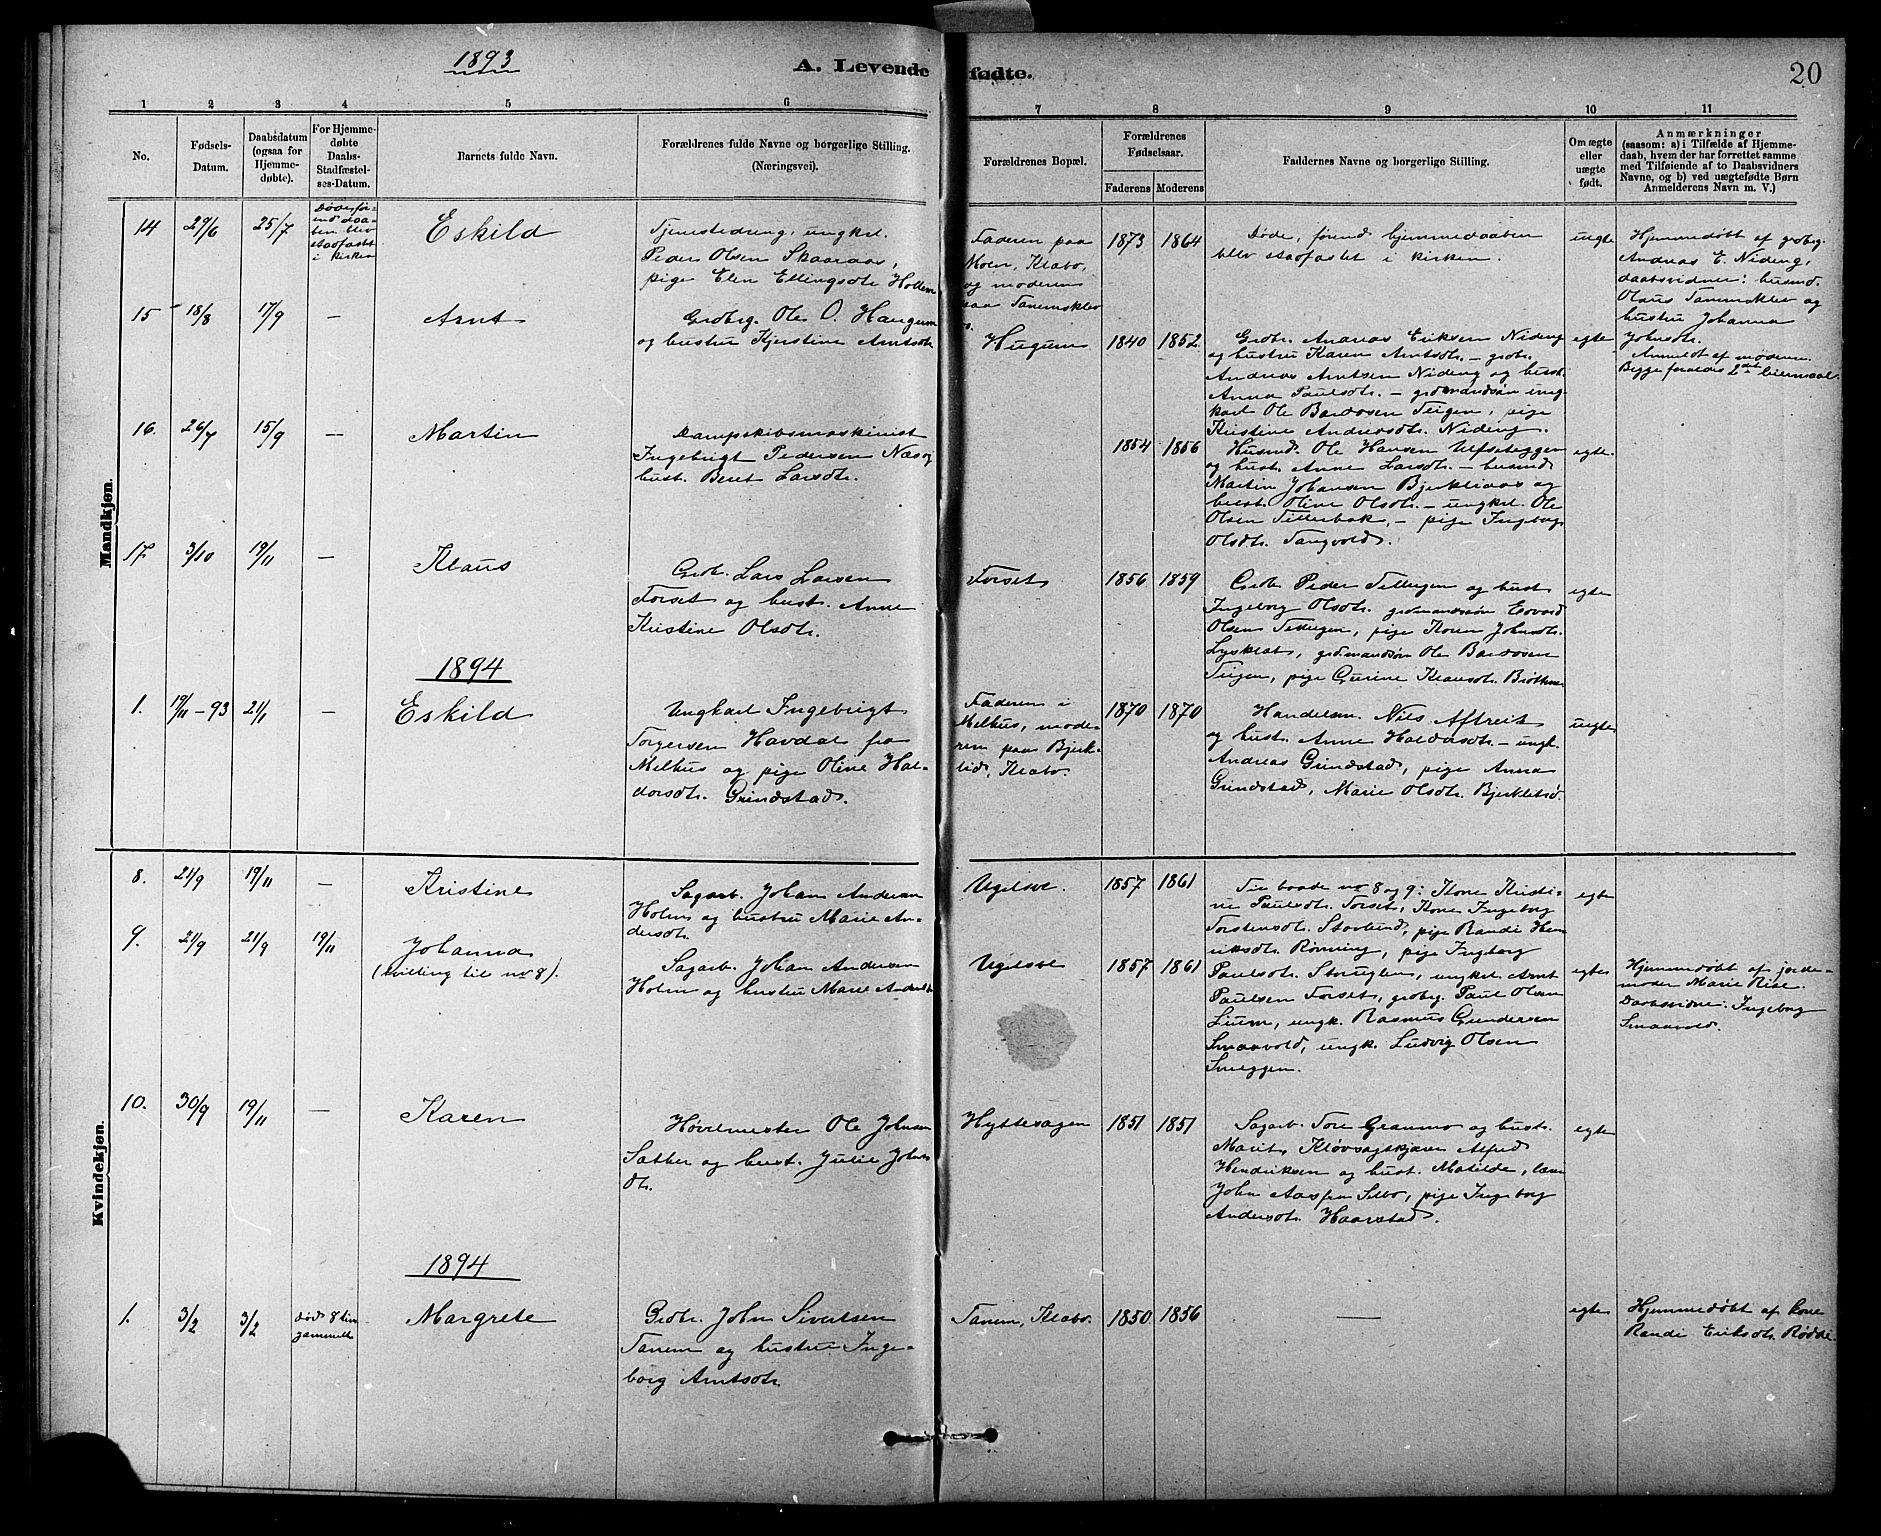 SAT, Ministerialprotokoller, klokkerbøker og fødselsregistre - Sør-Trøndelag, 618/L0452: Klokkerbok nr. 618C03, 1884-1906, s. 20